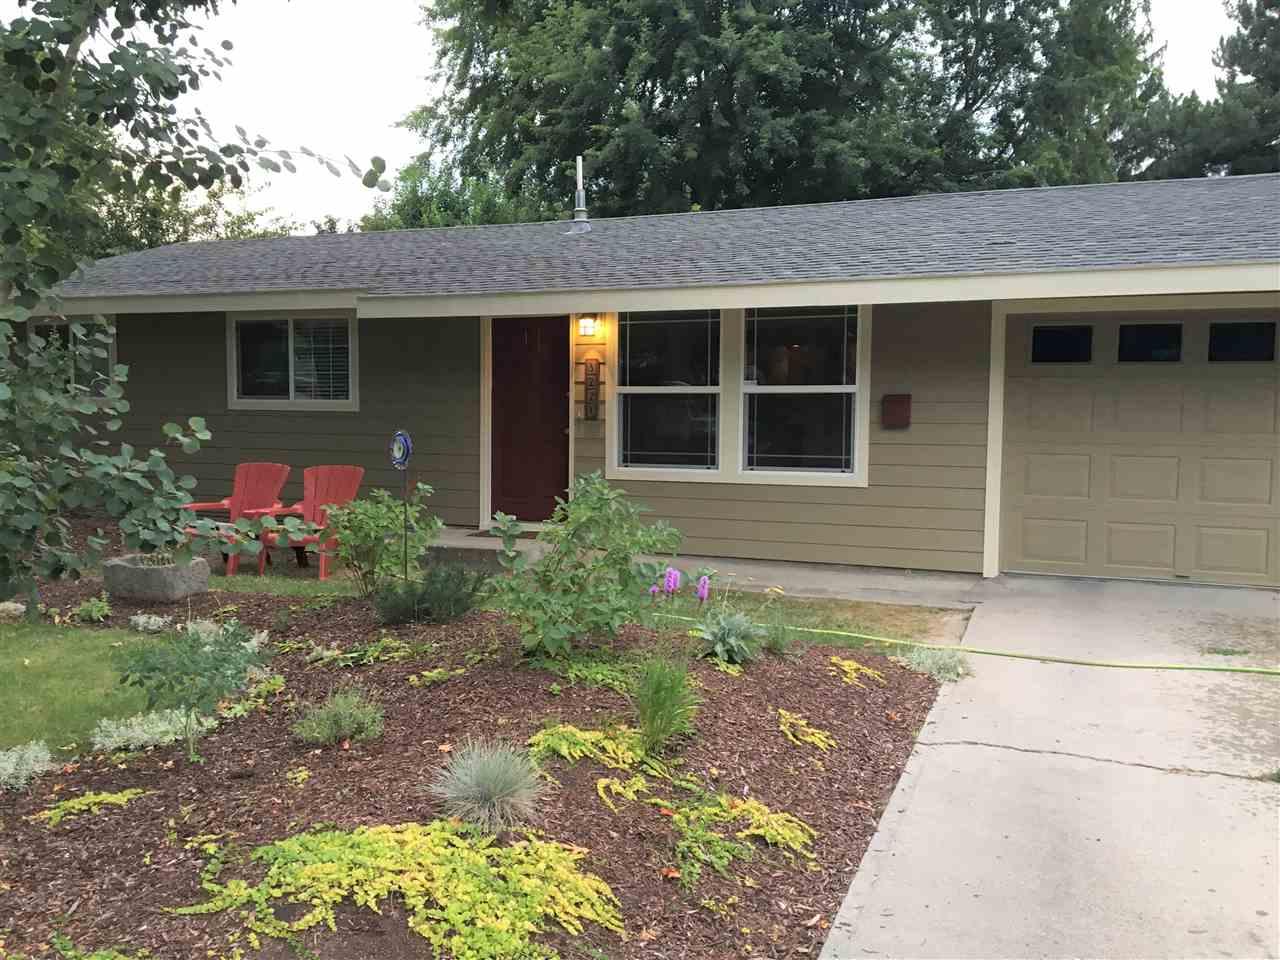 3221 32nd St., Boise 3221 N 32nd St Boise, Idaho 83703